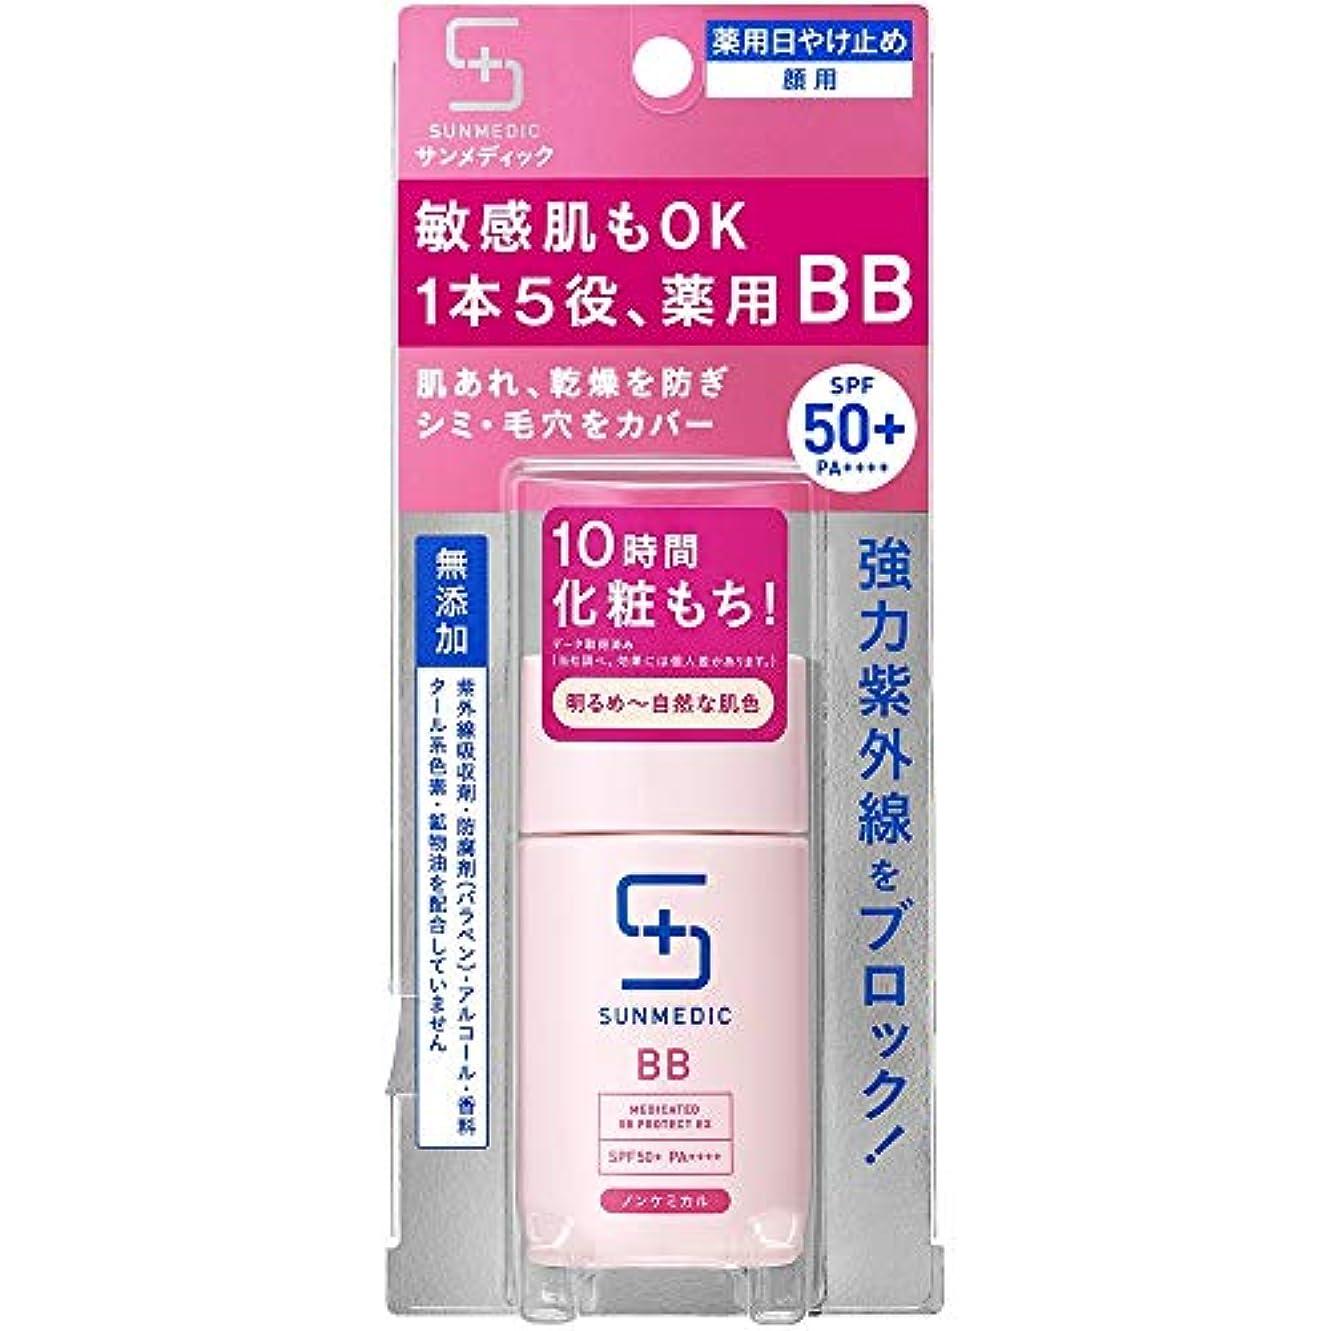 水差し期間皮肉なサンメディックUV 薬用BBプロテクトEX ライト 30ml (医薬部外品)